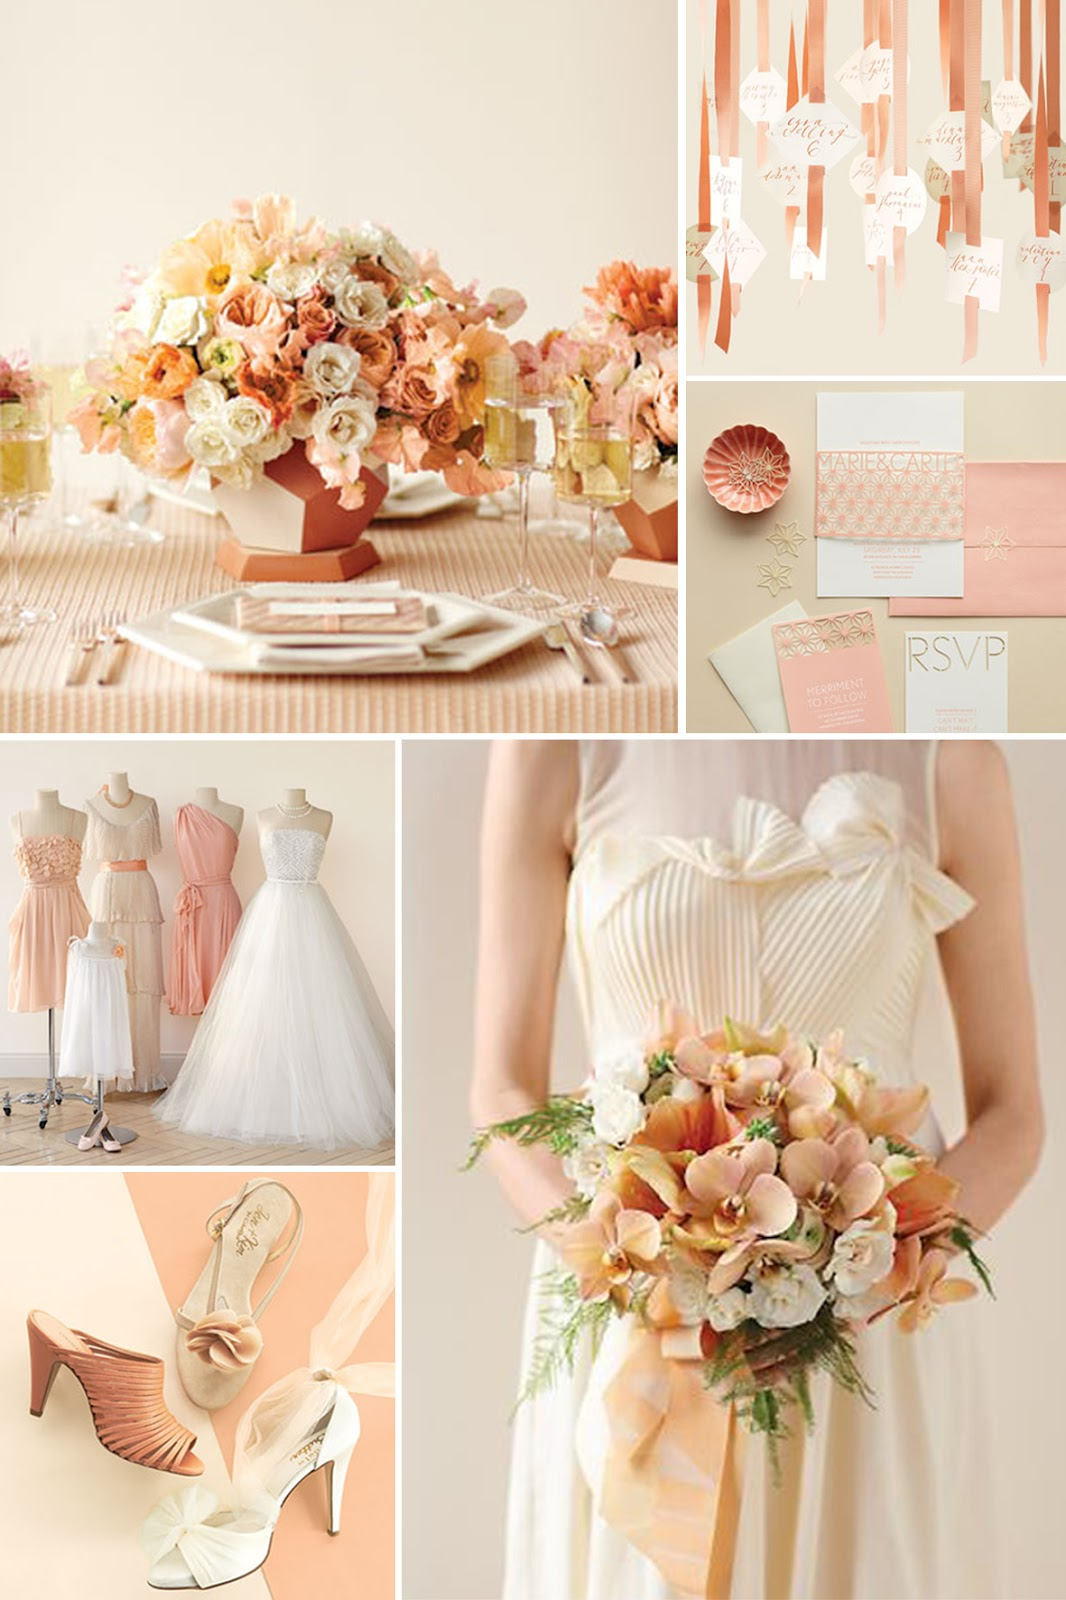 Matrimonio In Rosa Cipria : Tema color pesca prima delle nozze forum matrimonio